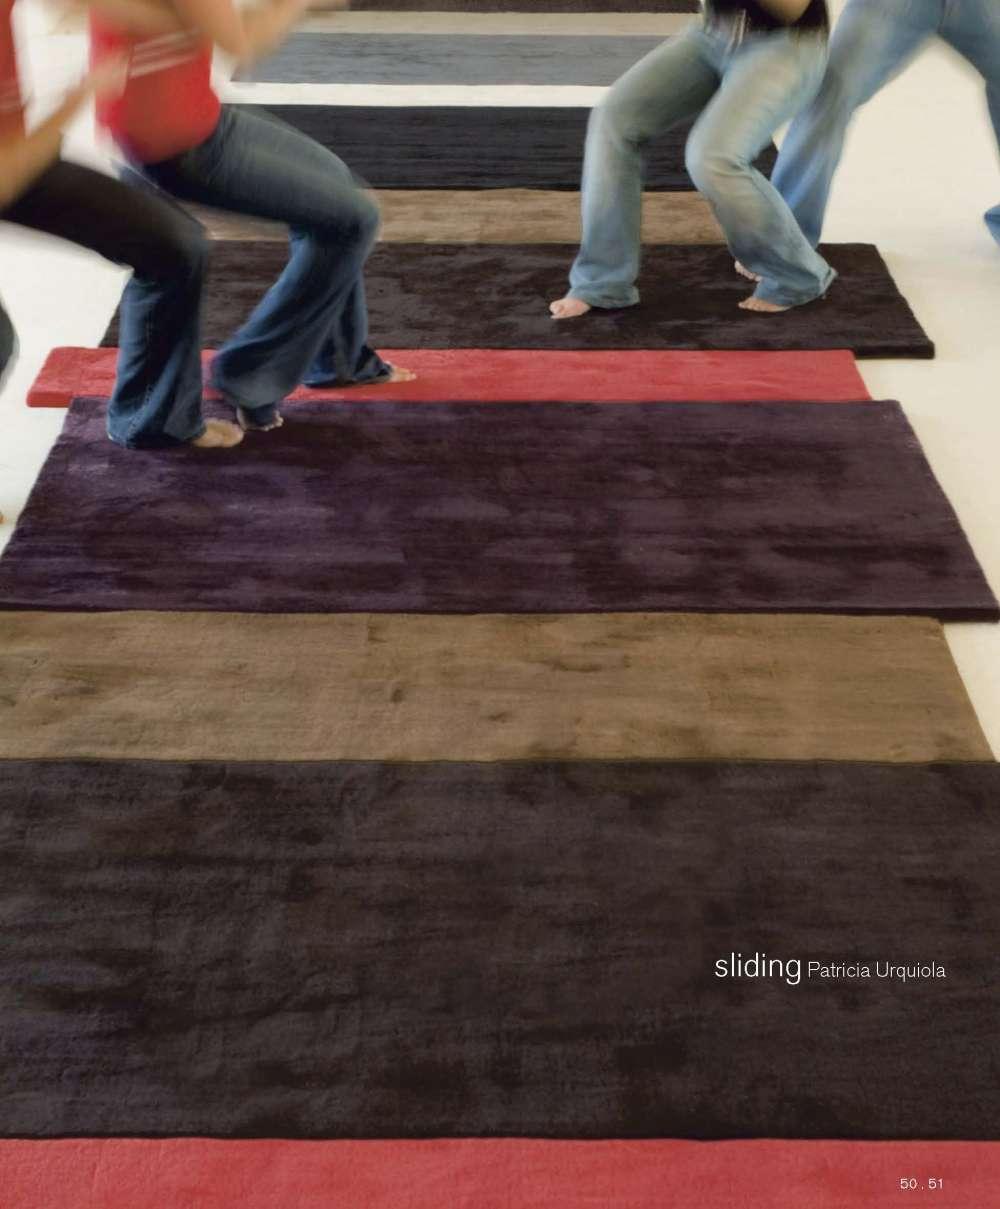 SIDI_Milano09-Rug(邱德光常用品牌地毯)10.21更新_031.jpg